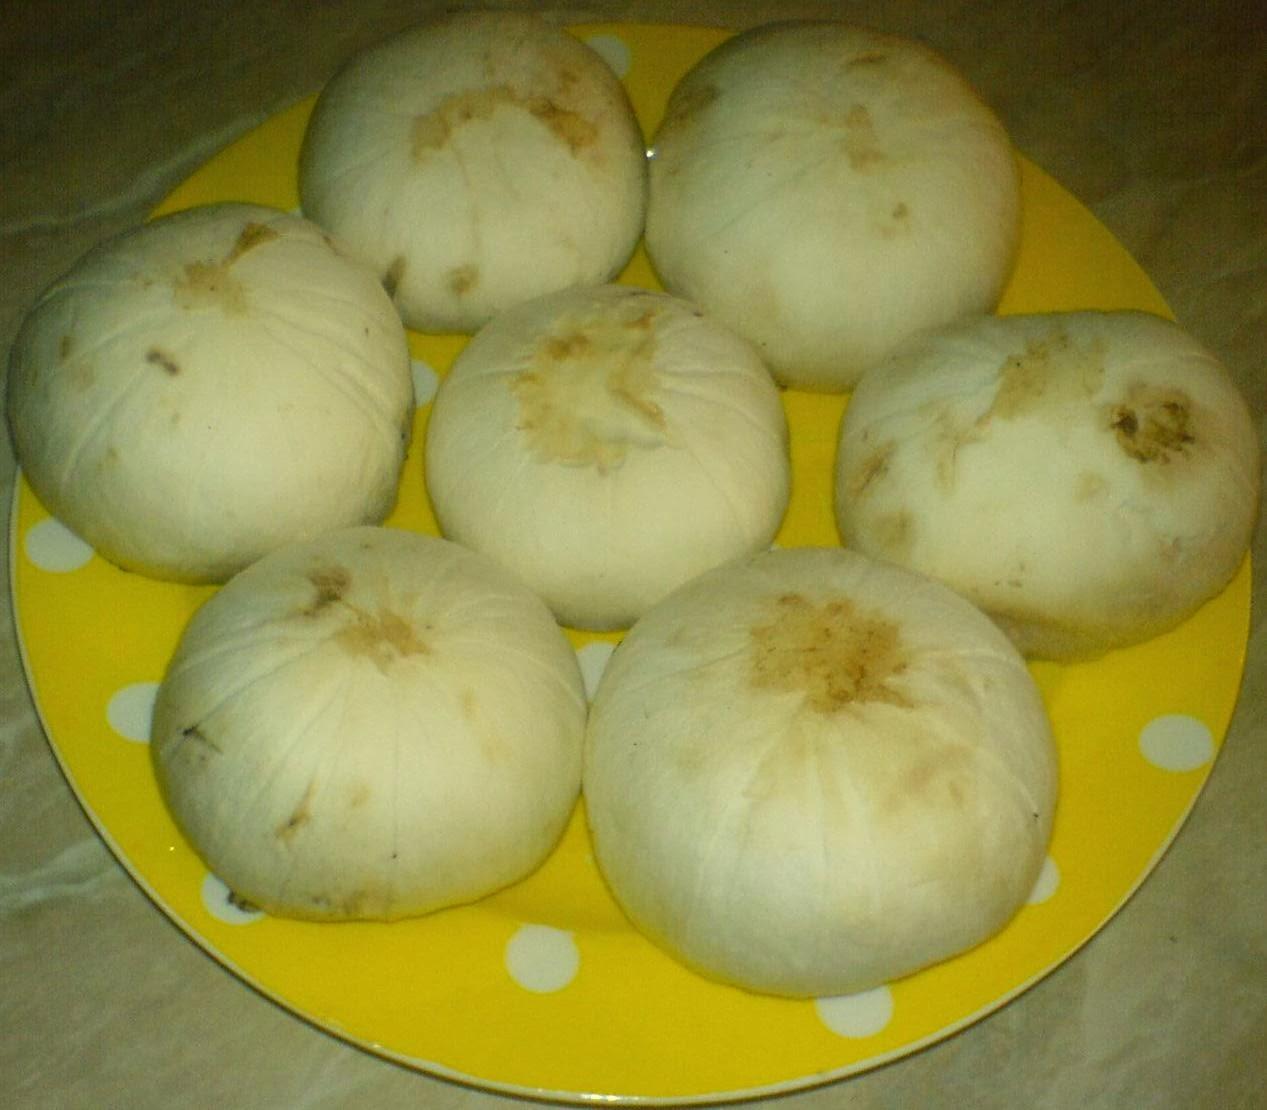 retete si preparate culinare cu ciuperci, reteta cu ciuperci, retete cu ciuperci, ciuperci pentru pateuri, ciuperci pentru mancare,